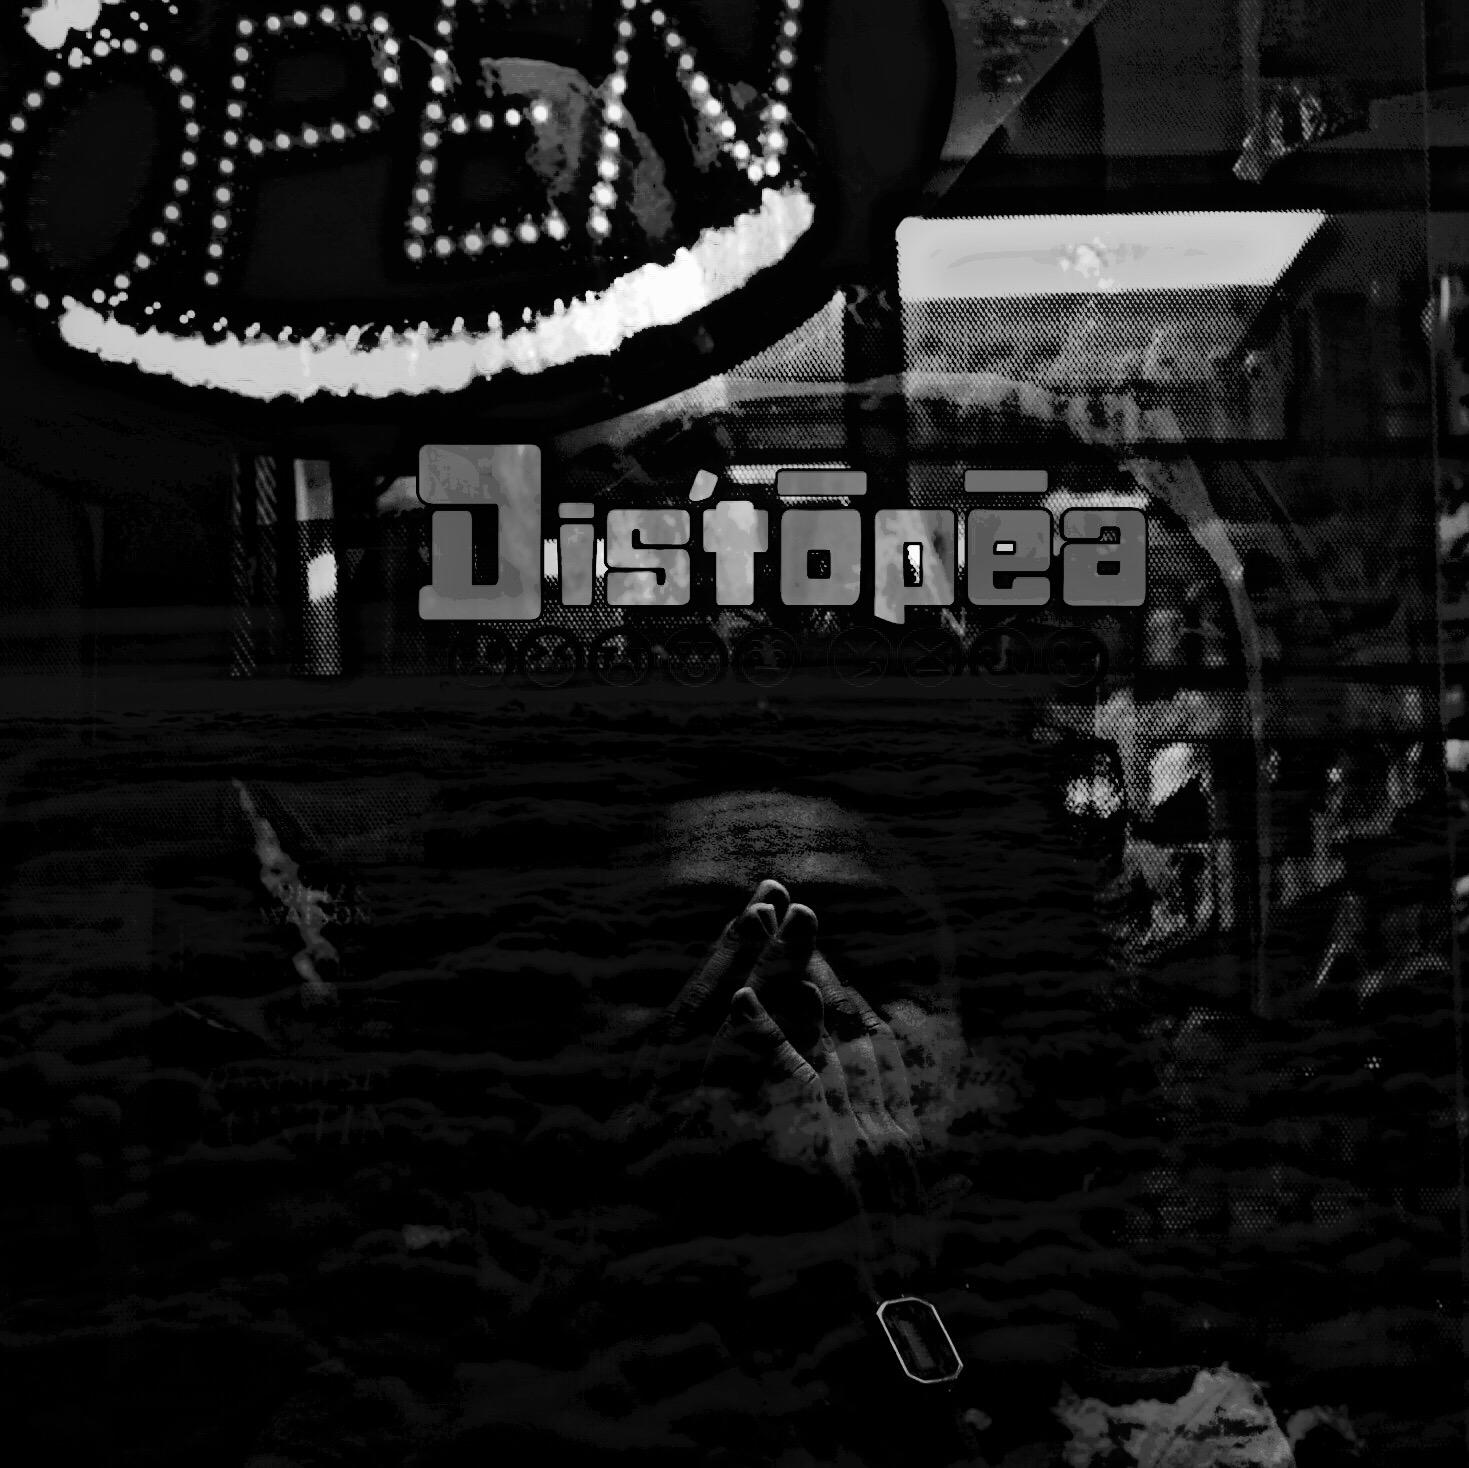 Young Seda – Dystopia (EP) | @madmanseda